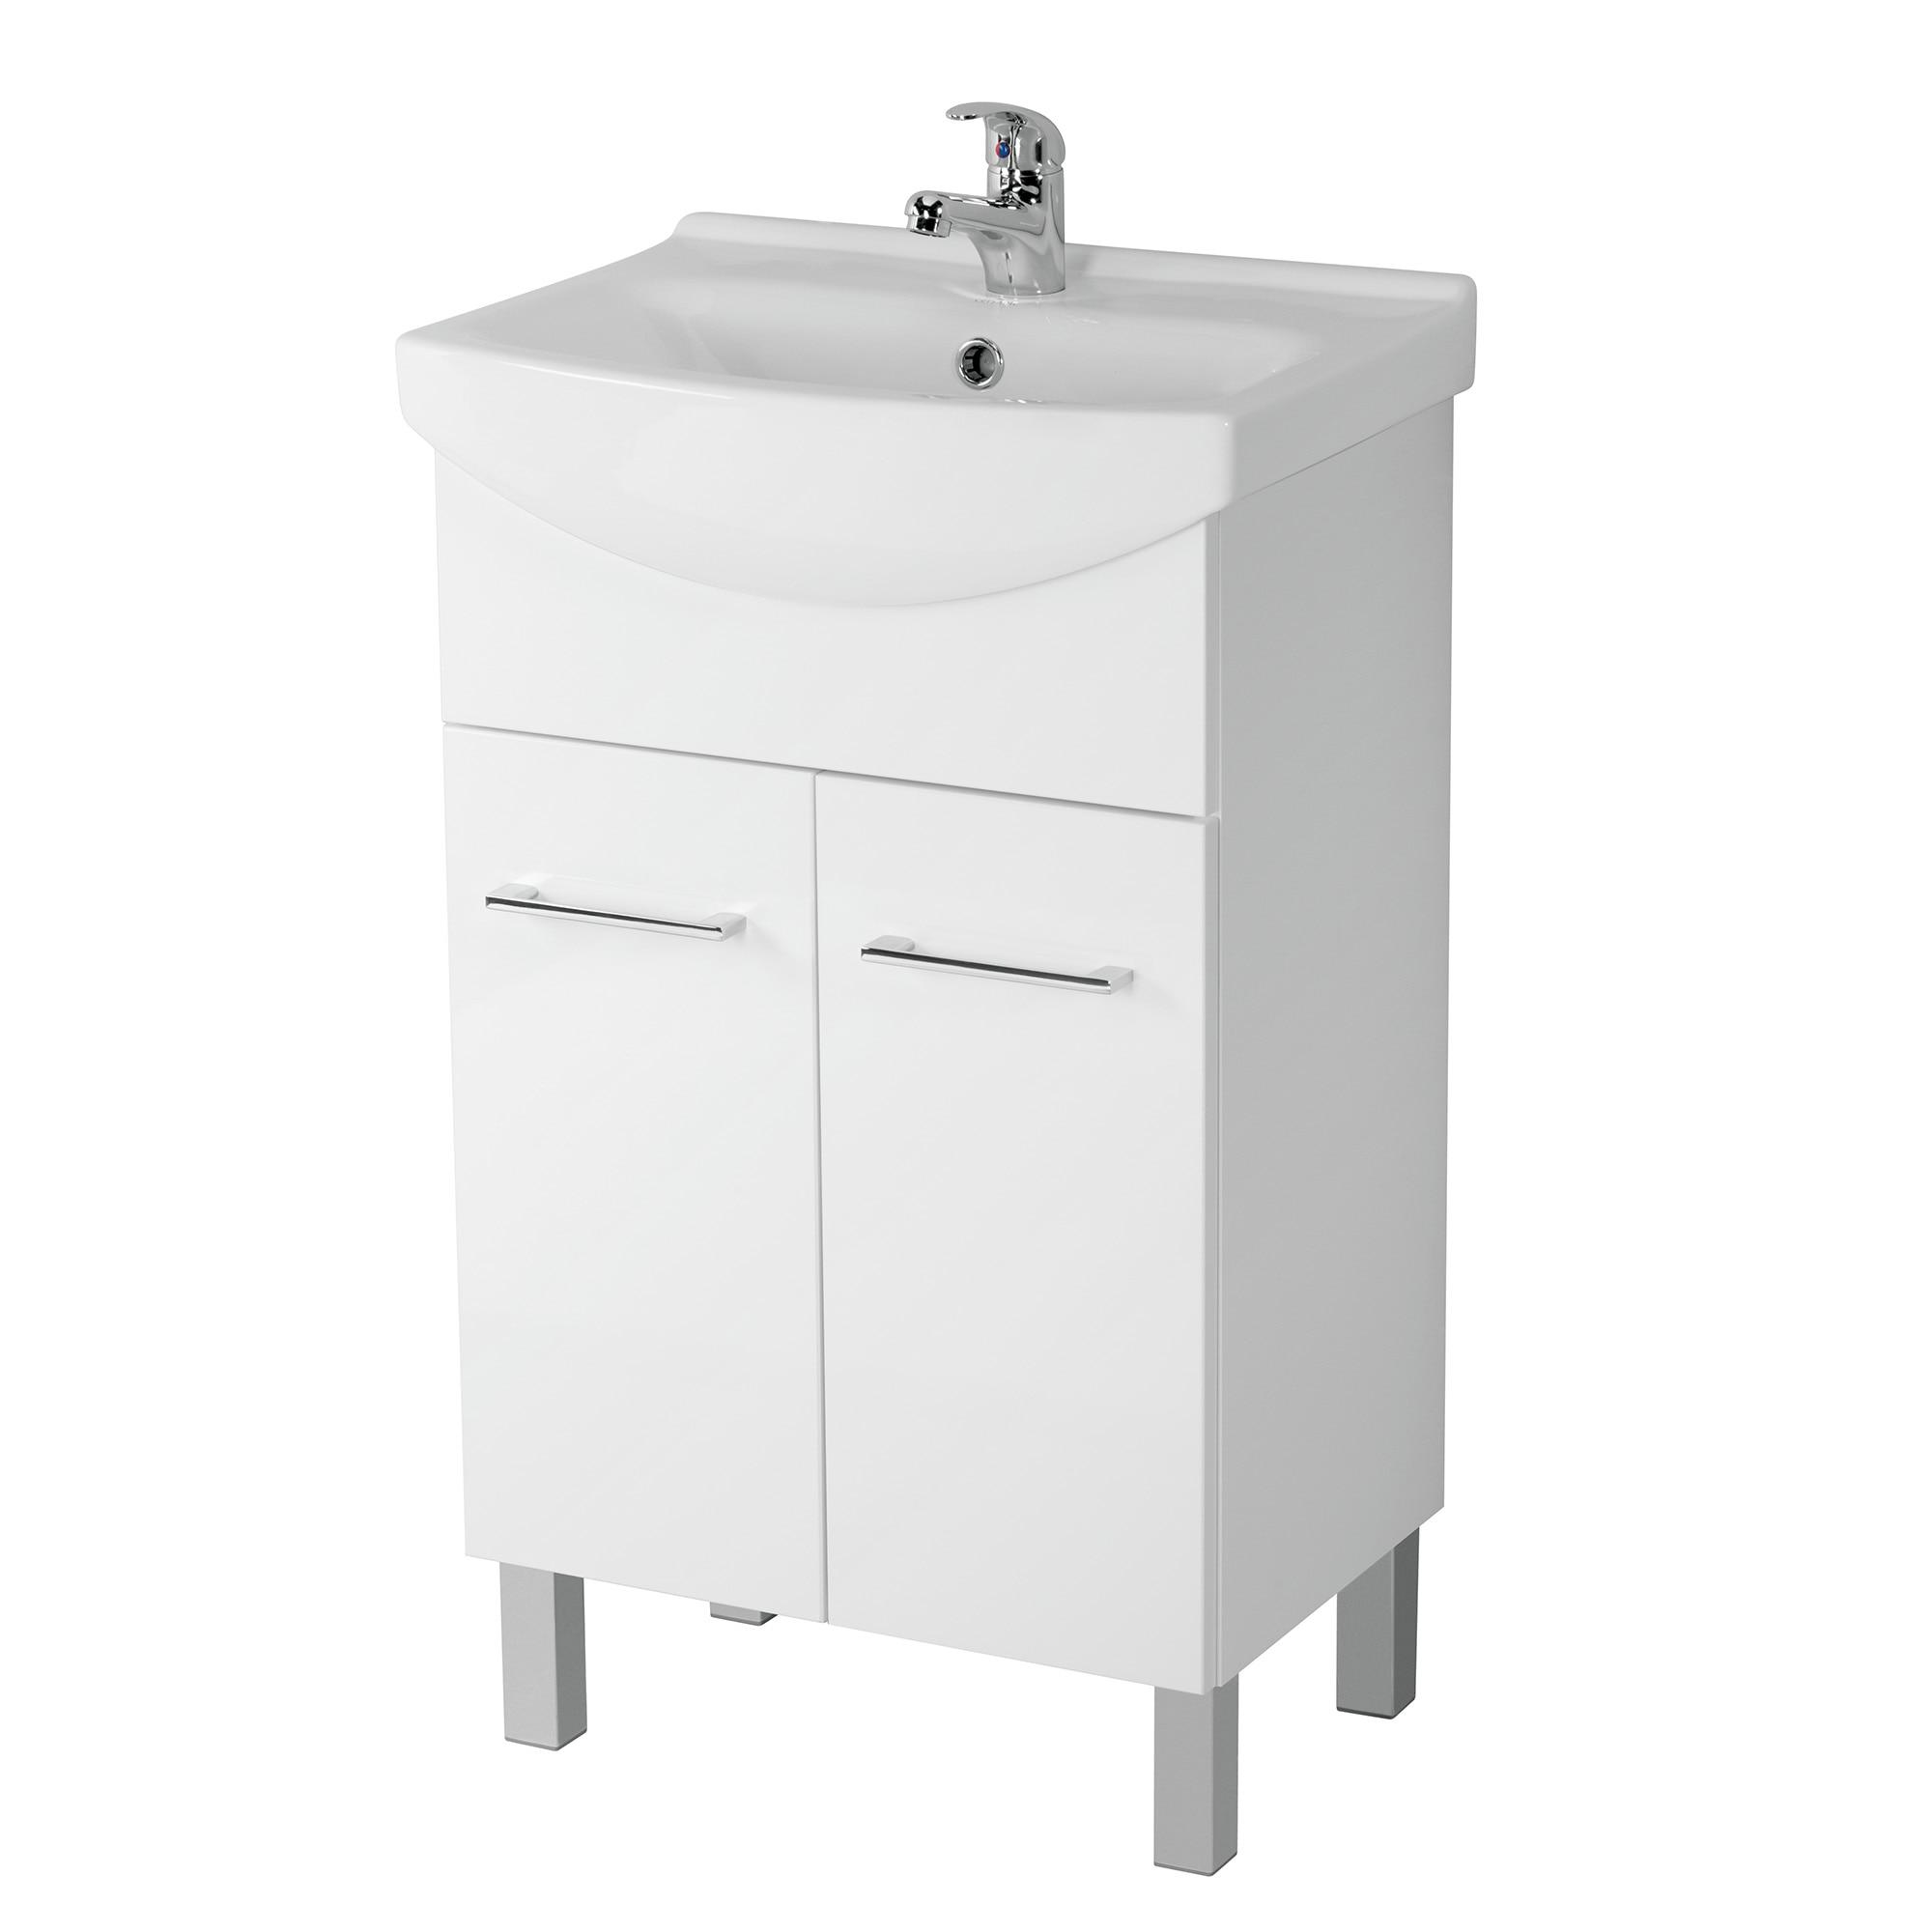 Fotografie Pachet baza mobilier Cersanit A57 Olivia 50, 2 usi + Lavoar Cersanit, MDF, 50 cm, Alb